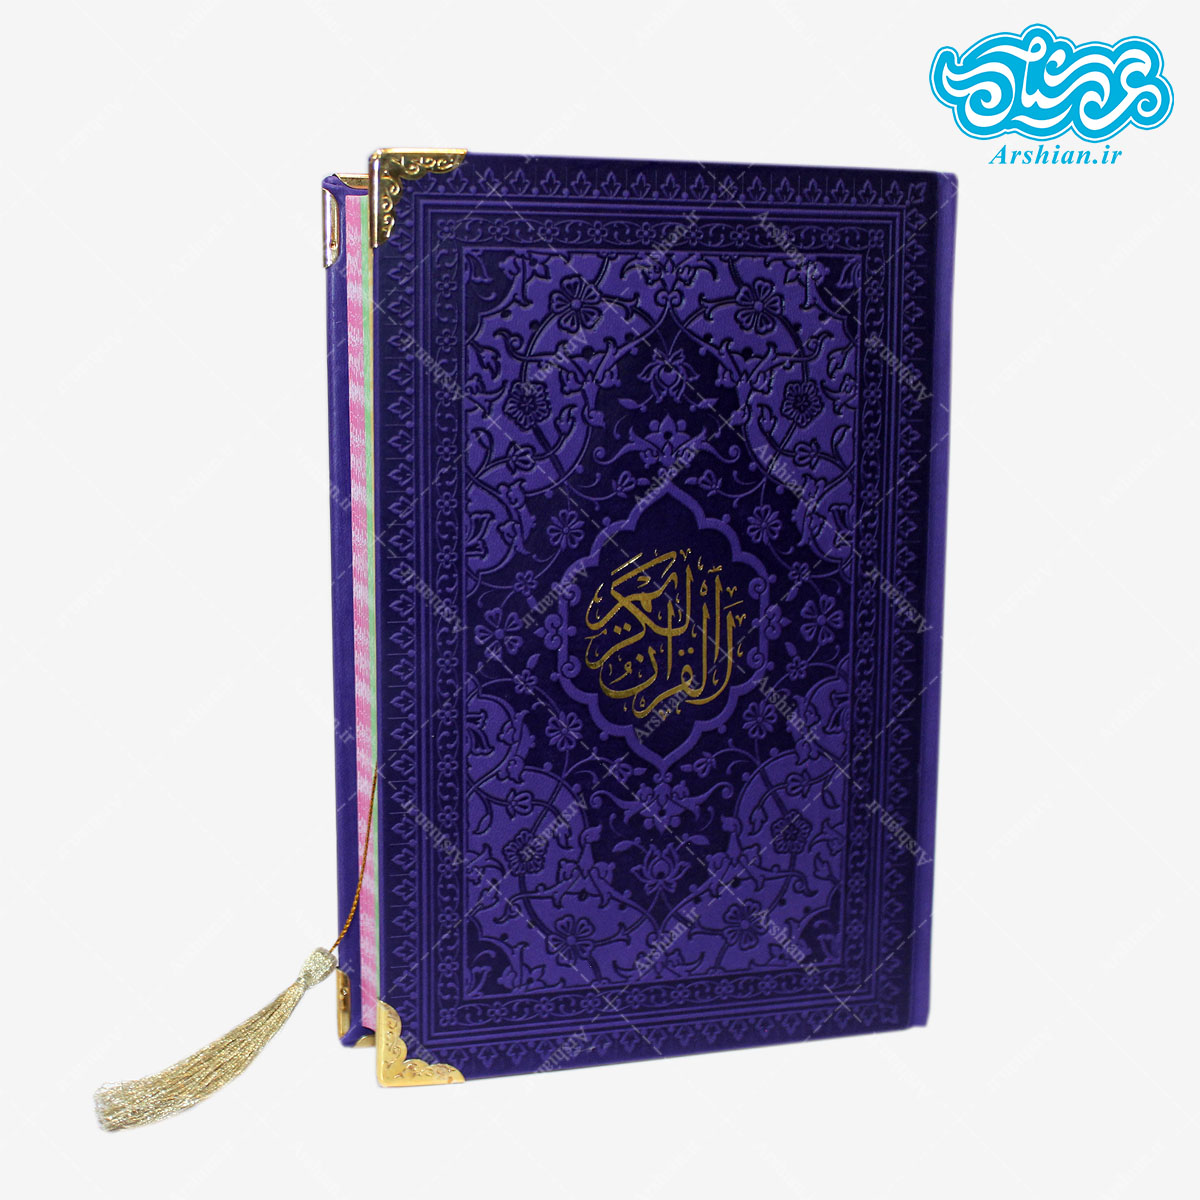 قرآن رقعی صفحه رنگی گوشه فلزی